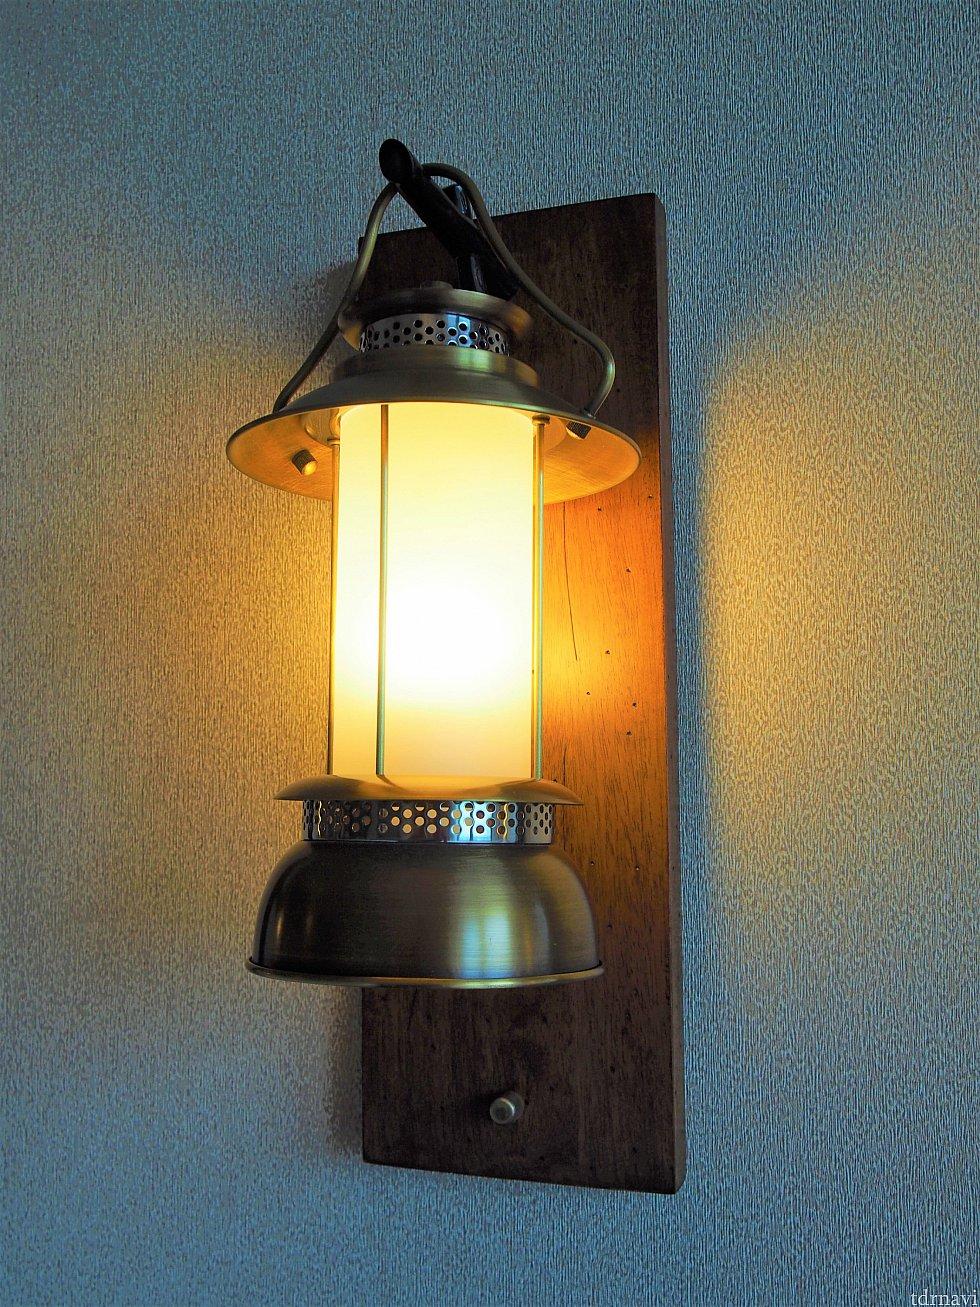 ランプも可愛いです。